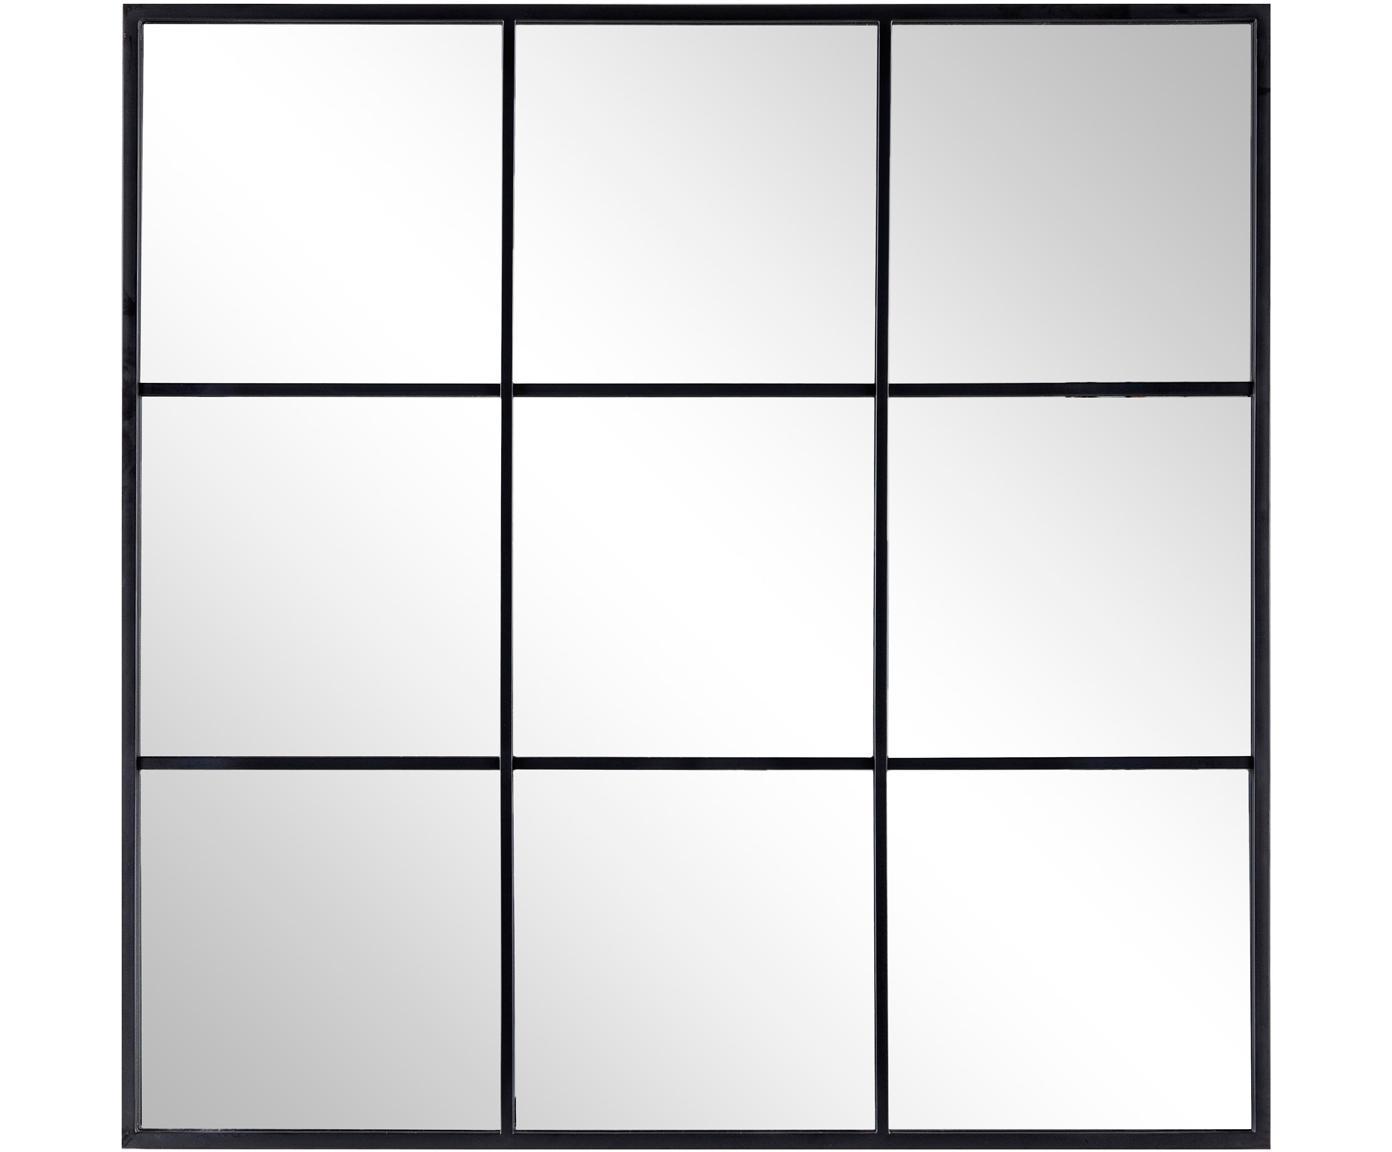 Wandspiegel Nucleos mit schwarzem Metallrahmen, Rahmen: Metall, beschichtet, Spiegelfläche: Spiegelglas, Schwarz, 90 x 90 cm